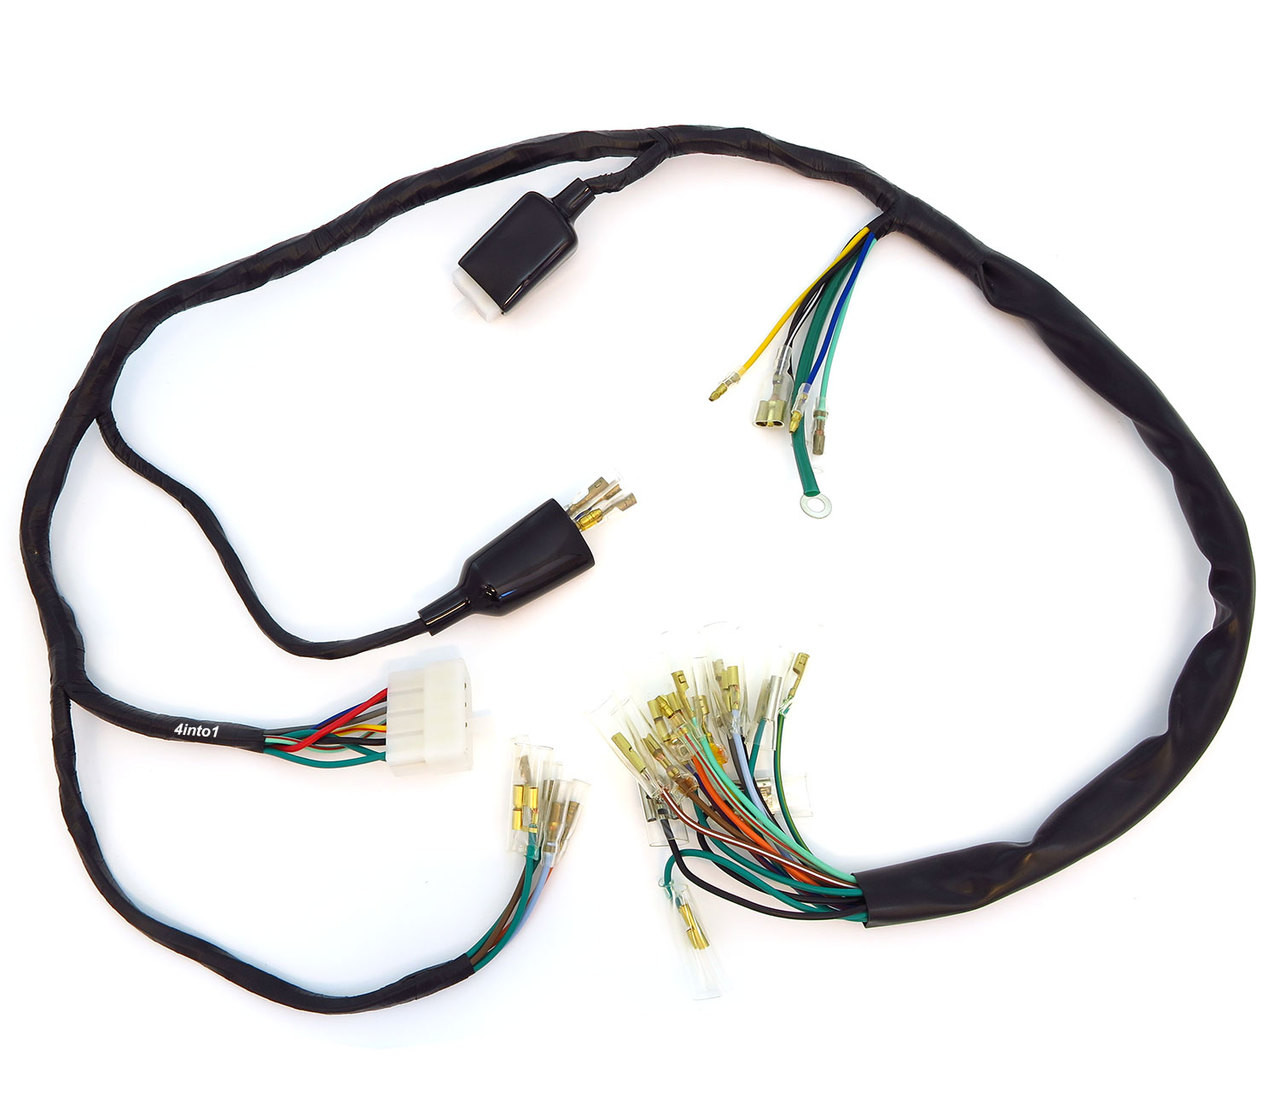 hight resolution of main wiring harness 32100 323 040 honda cb500k 1972 1973main wiring harness 10